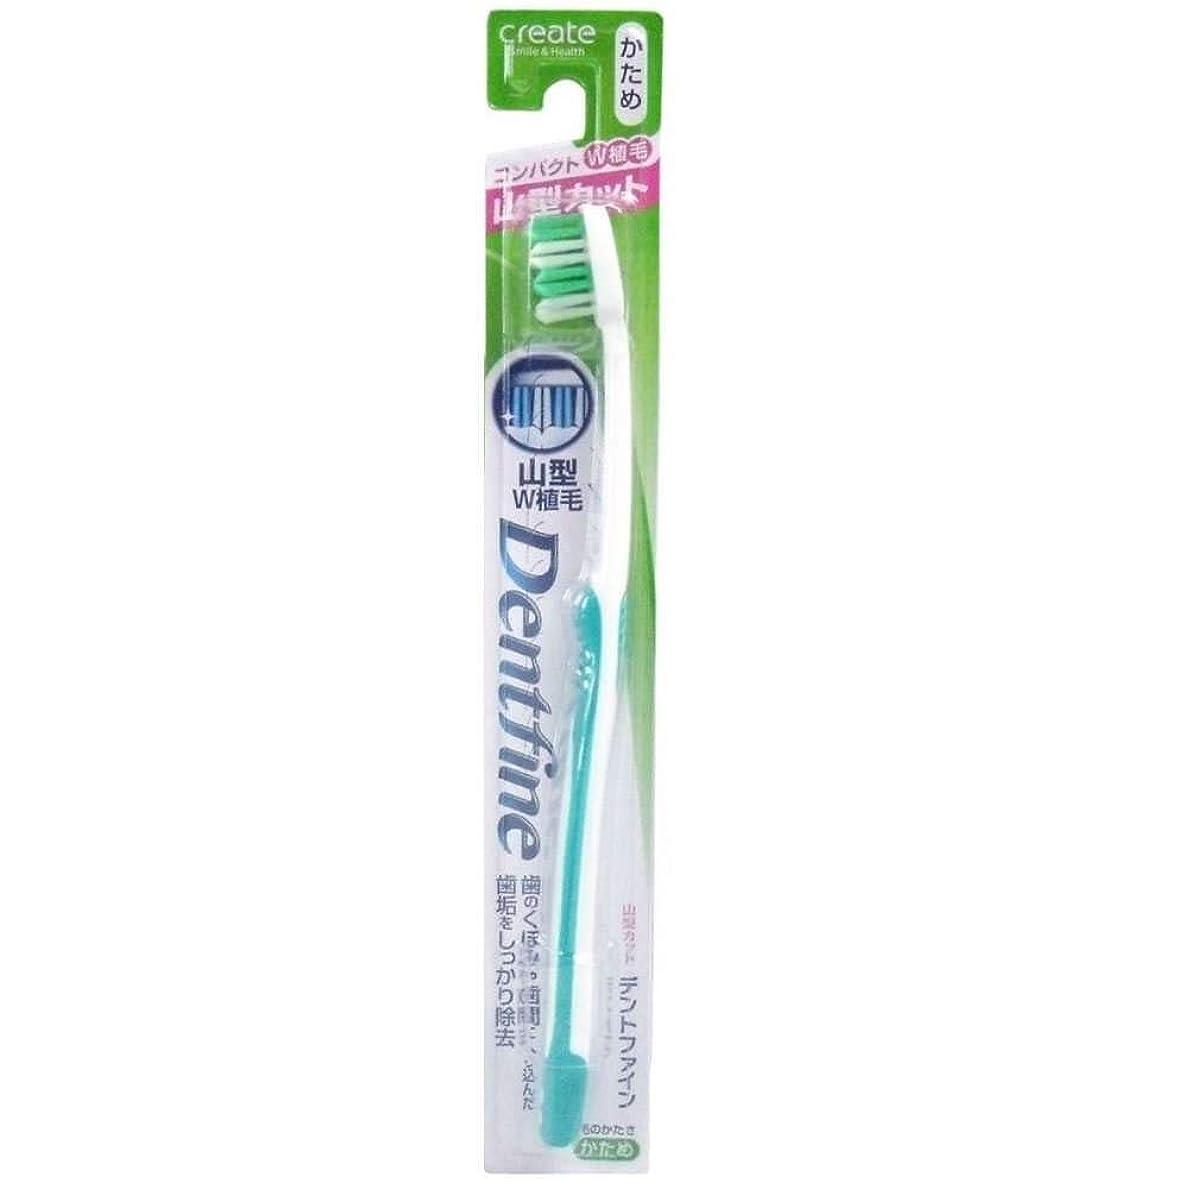 たまにセットアップ場合デントファイン ラバーグリップ 山切りカット 歯ブラシ かため 1本:グリーン